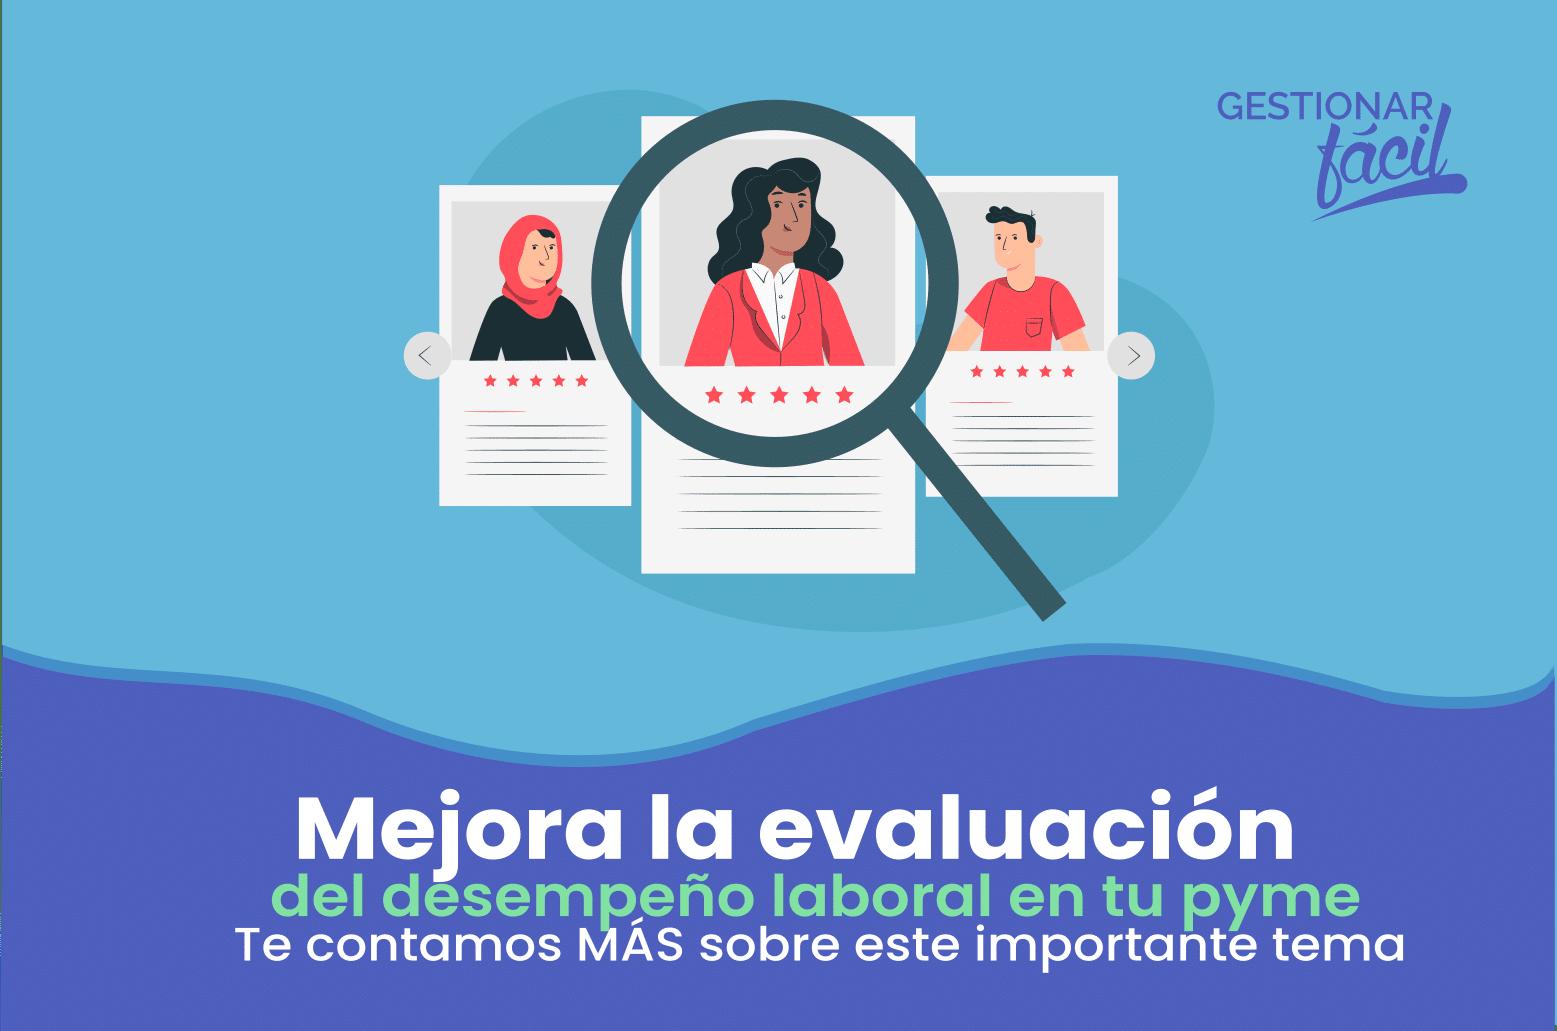 Más sobre evaluación del desempeño de equipos de trabajo